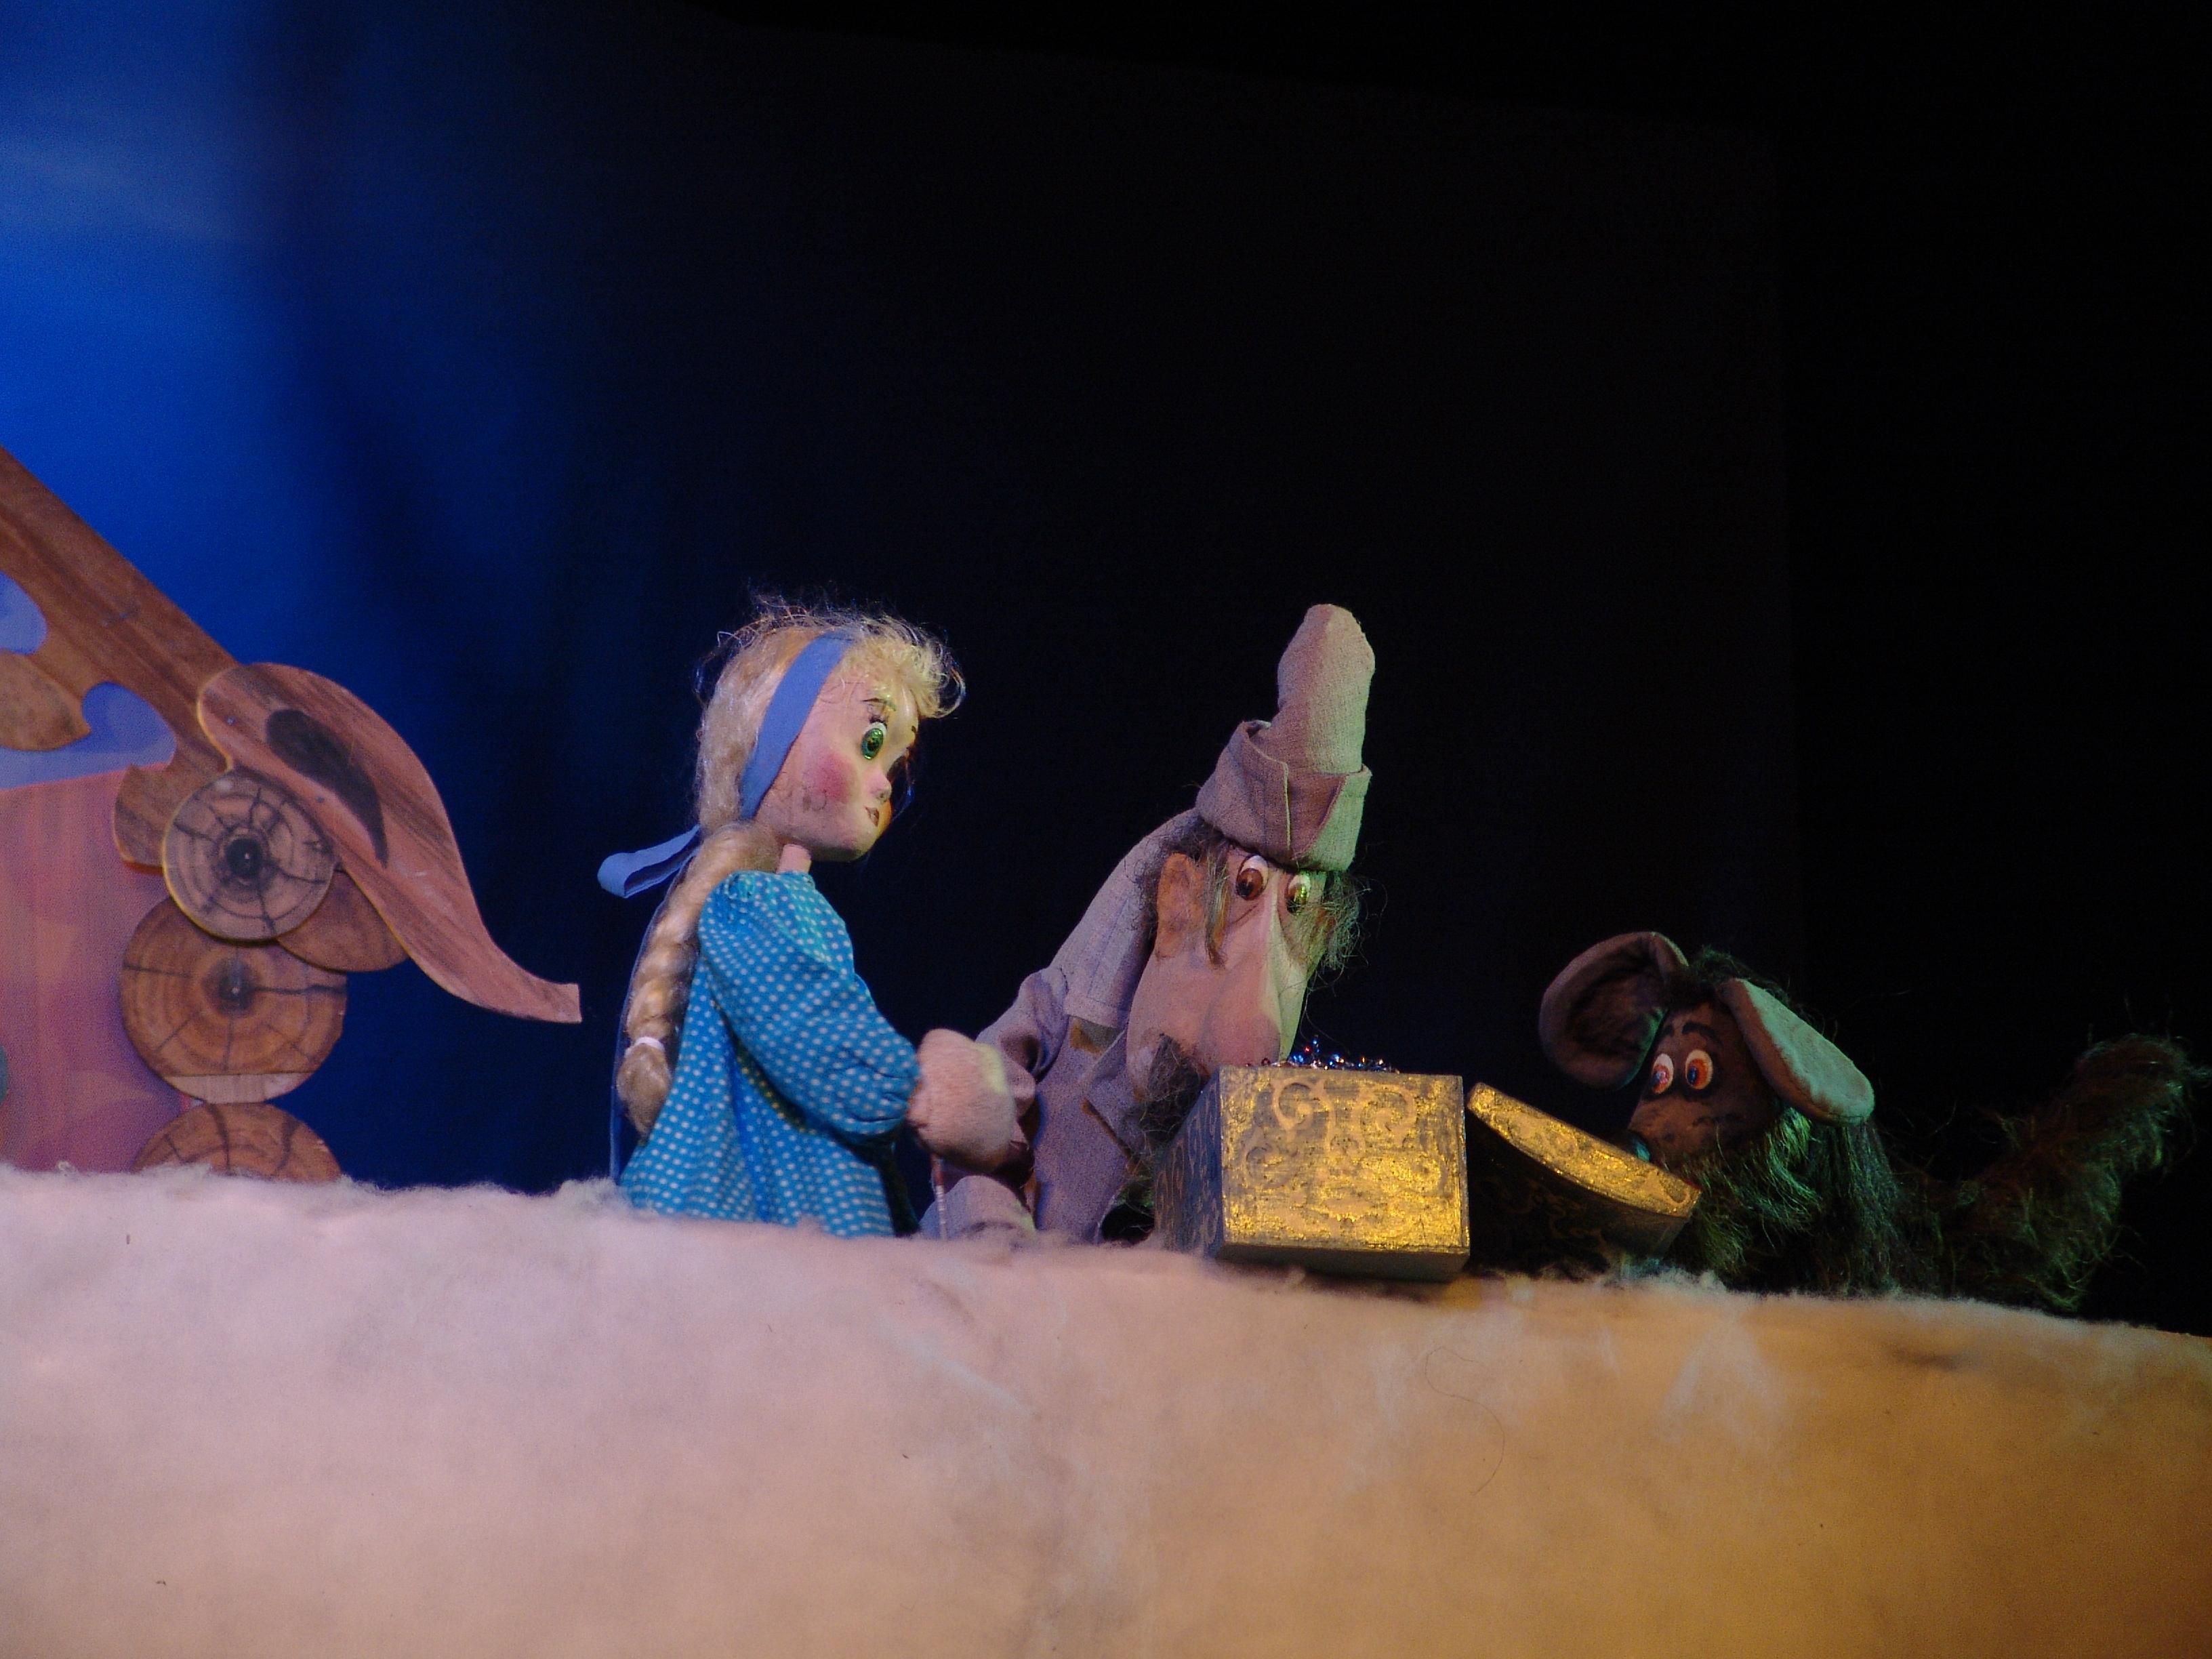 Спектакли, выставки, коньки: традиционная афиша мероприятий от «Блокнот Тамбов». Часть 1